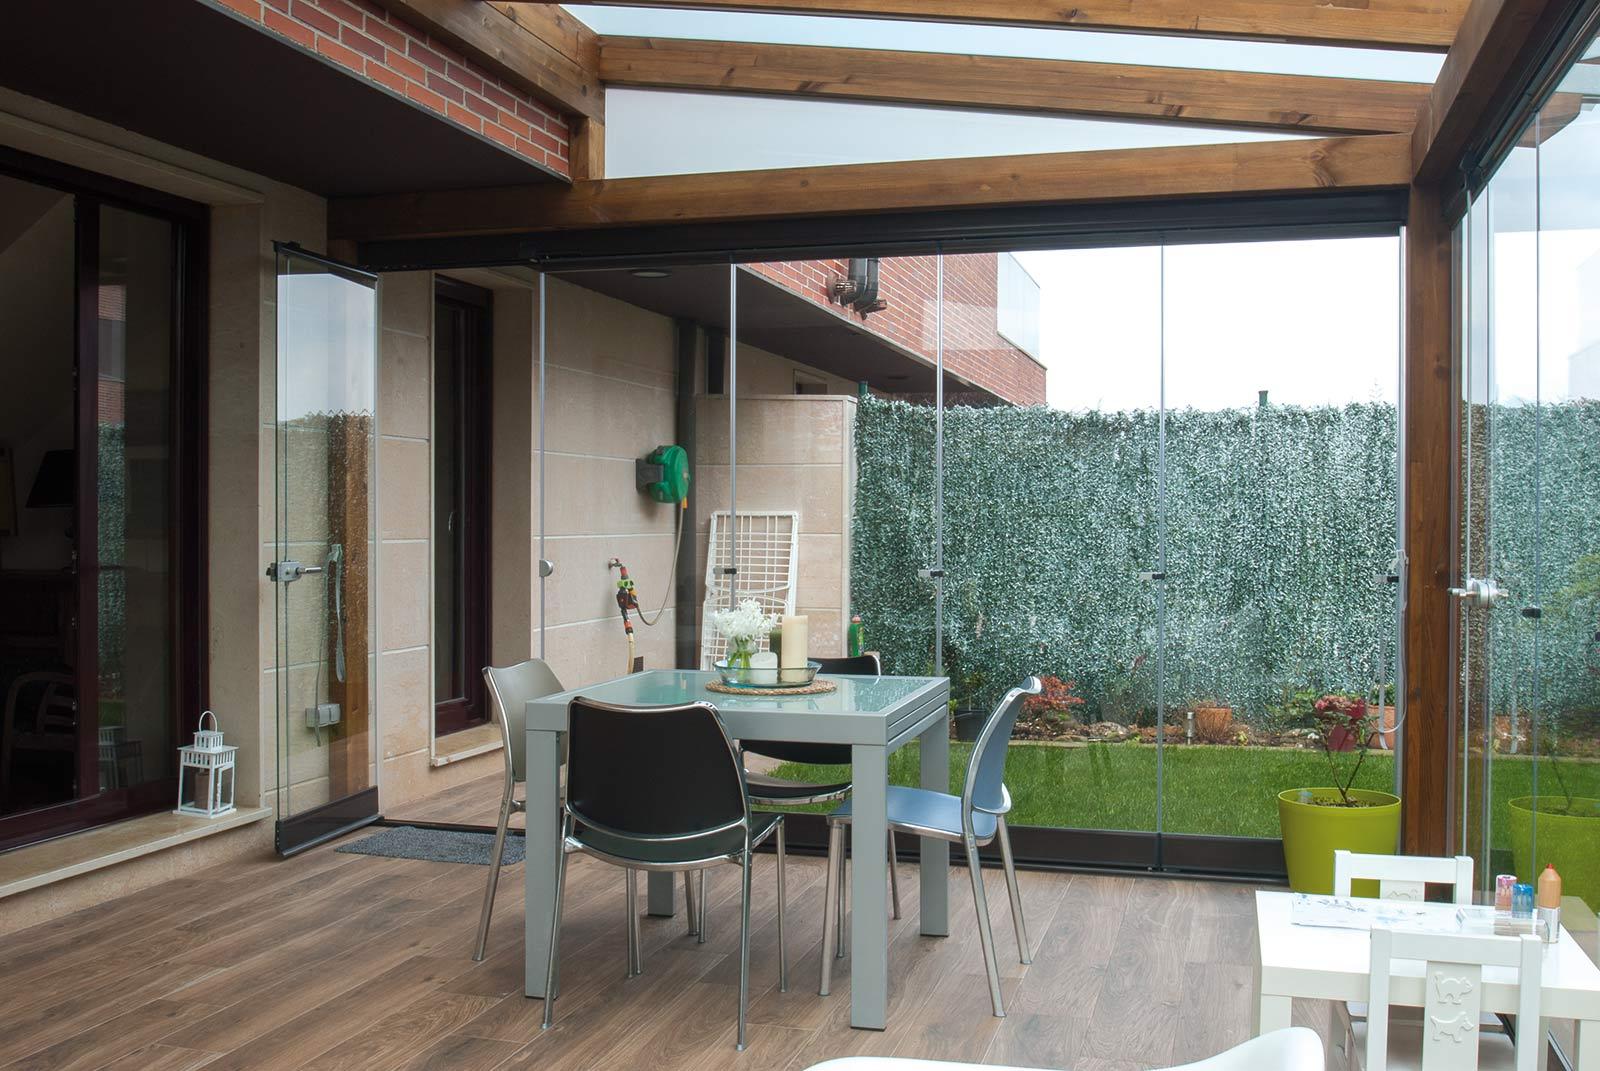 porche-jardin-madera-cristal-lumon-cerrado-abierto-9